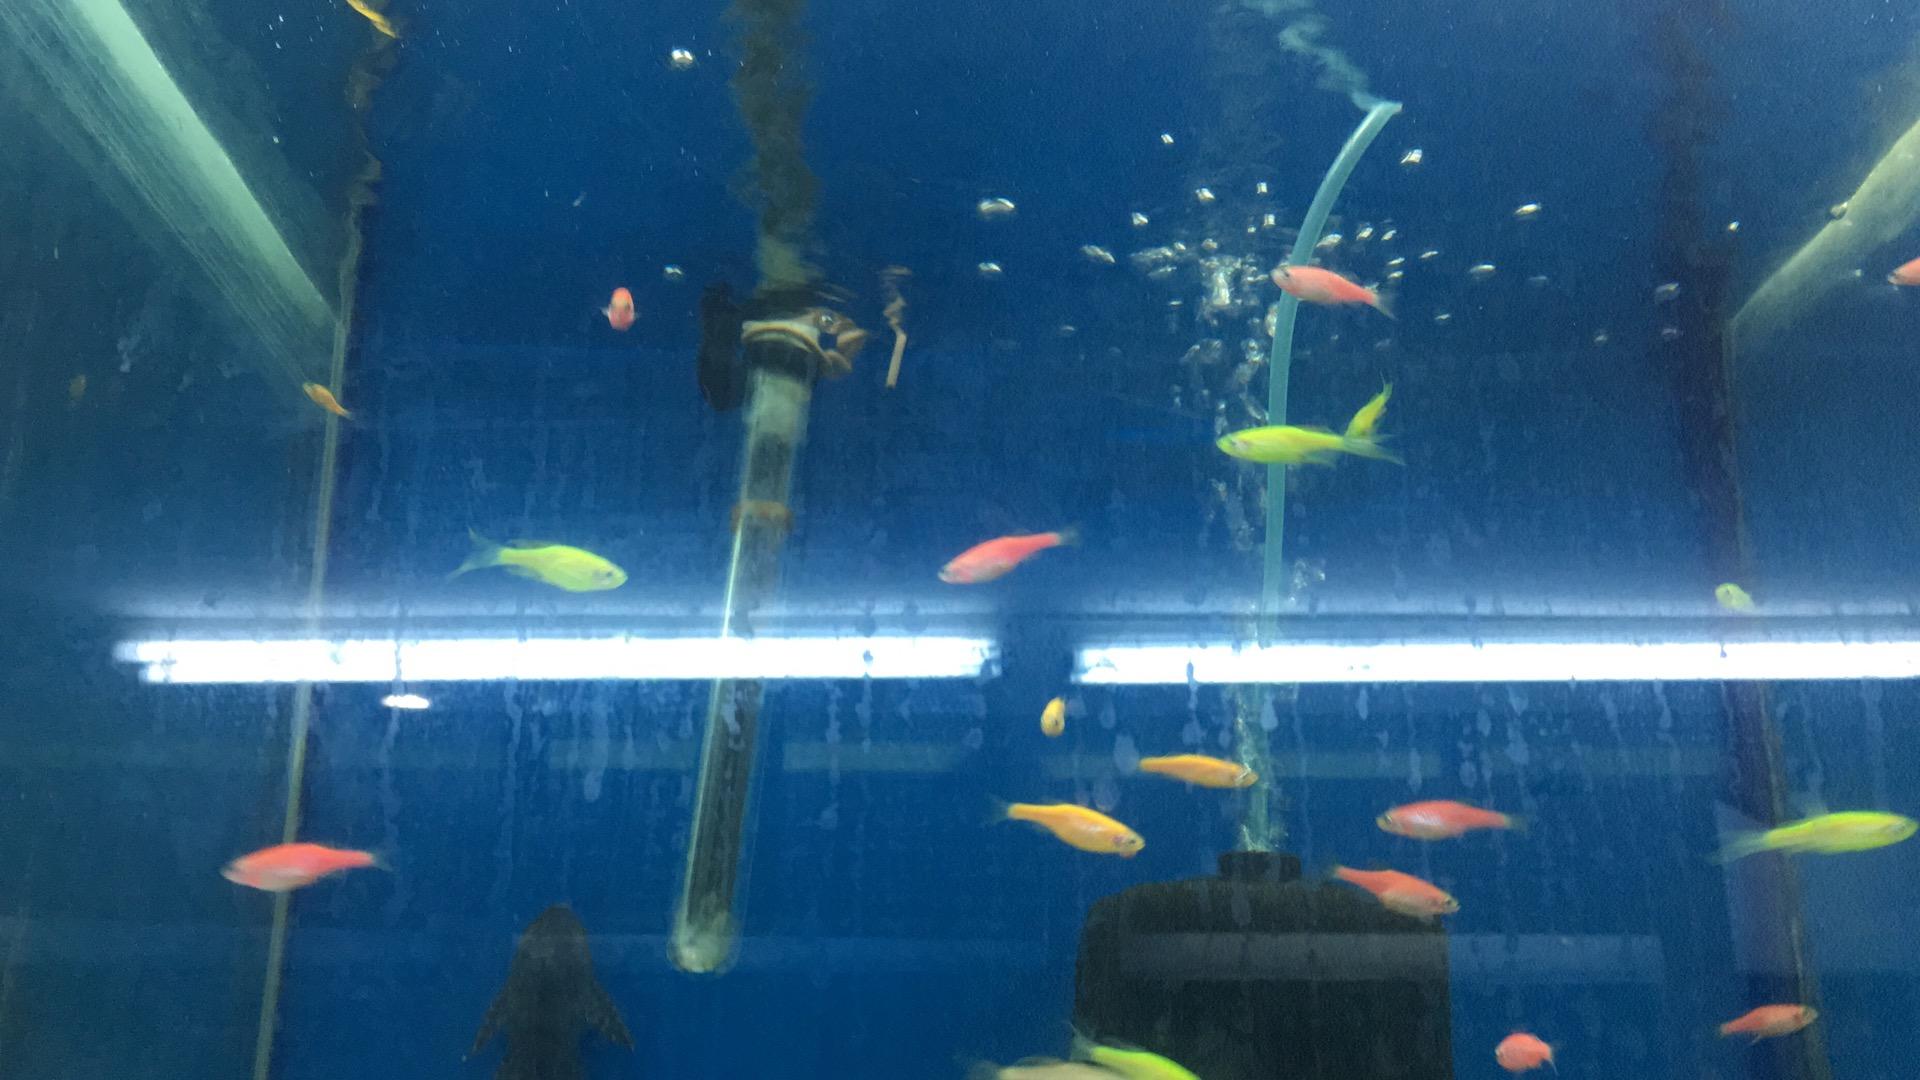 Denizli Elit Akvaryum Petshop Kibrissehitleri Subesi Istiklal Kibris Sehitleri Caddesi 20150 Pamukkale Denizli